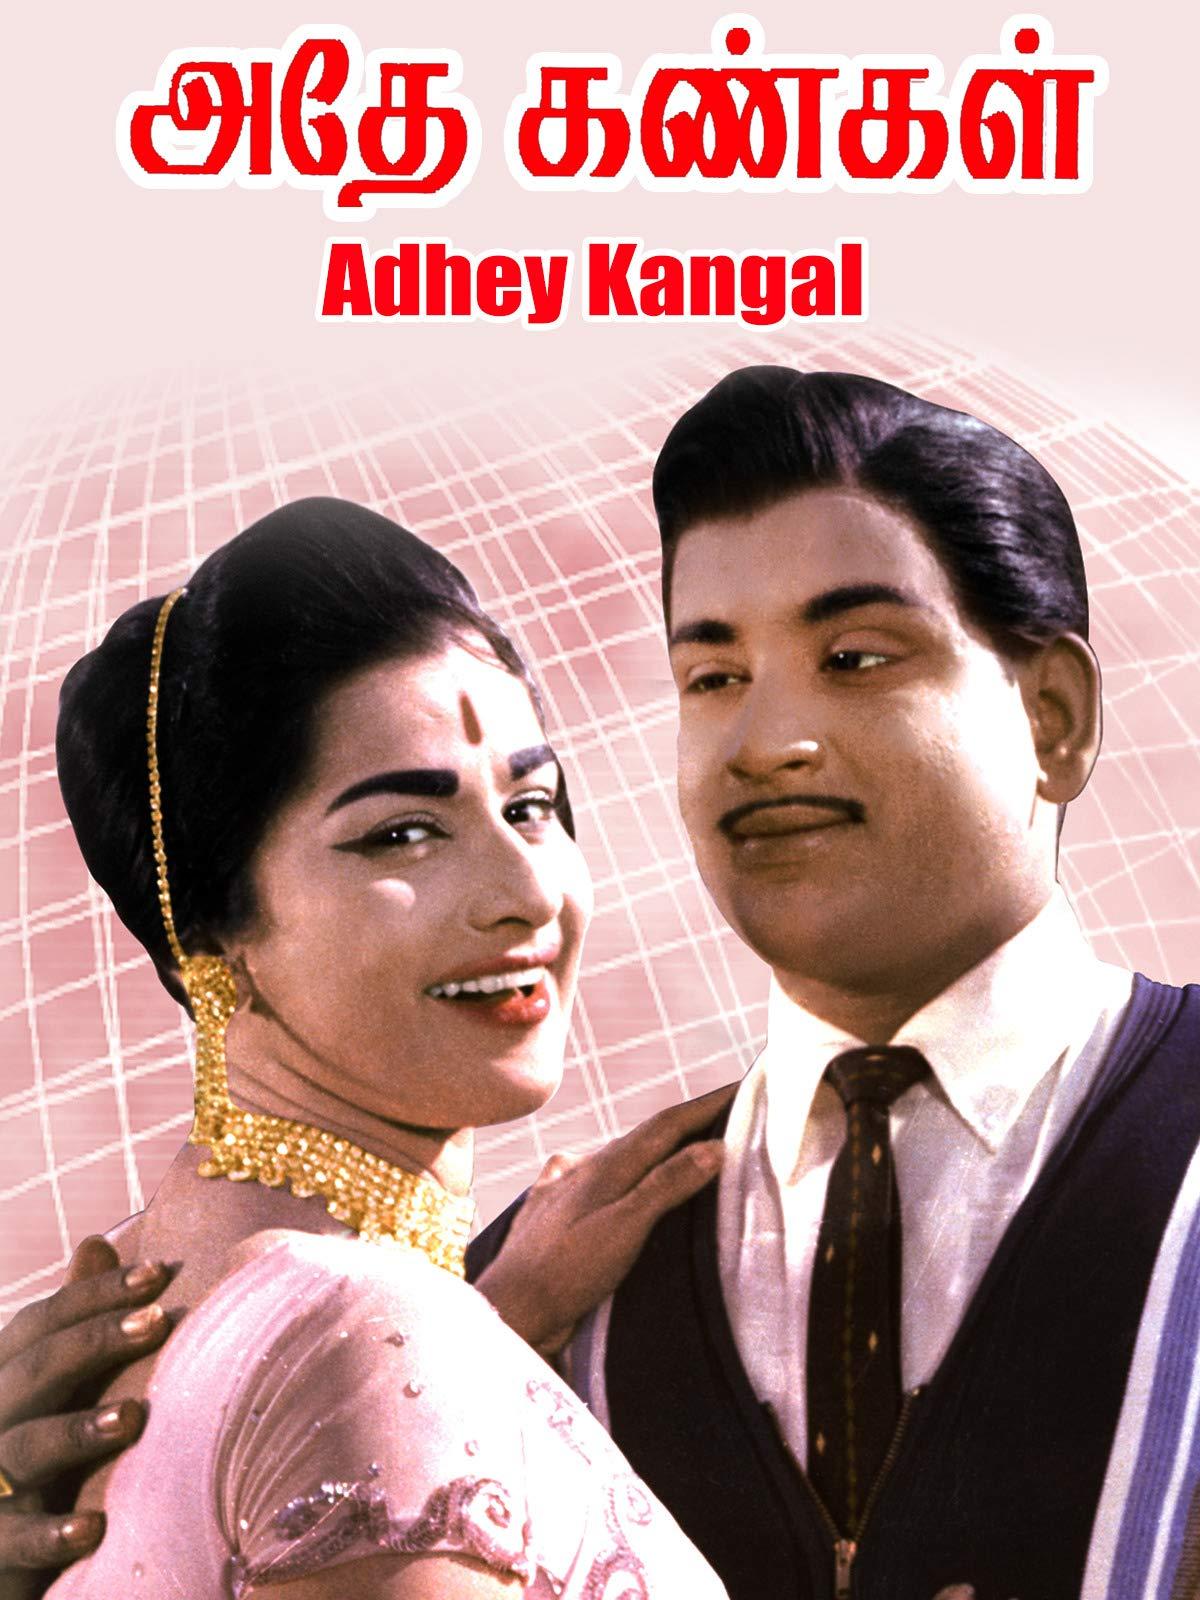 Adhey Kangal